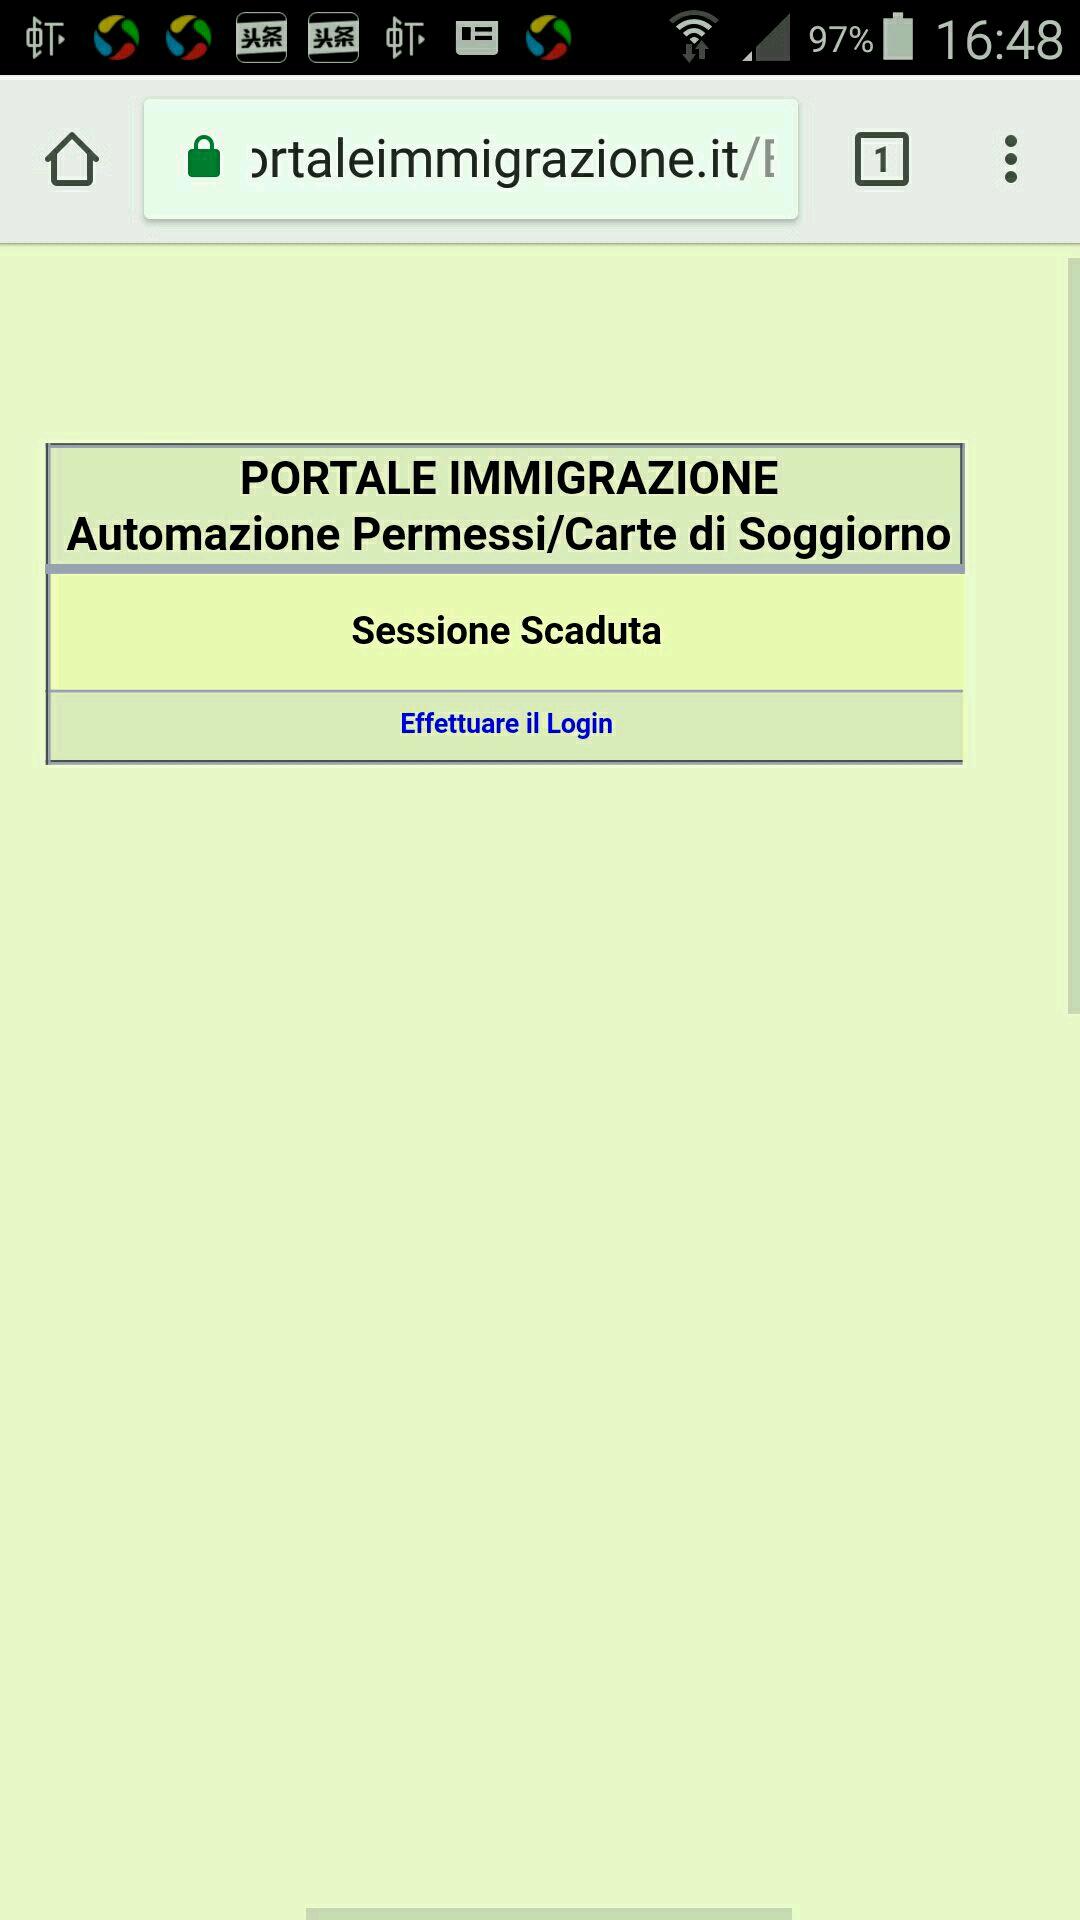 Emejing Portale Immigrazione Automazione Permessi Carte Di Soggiorno ...